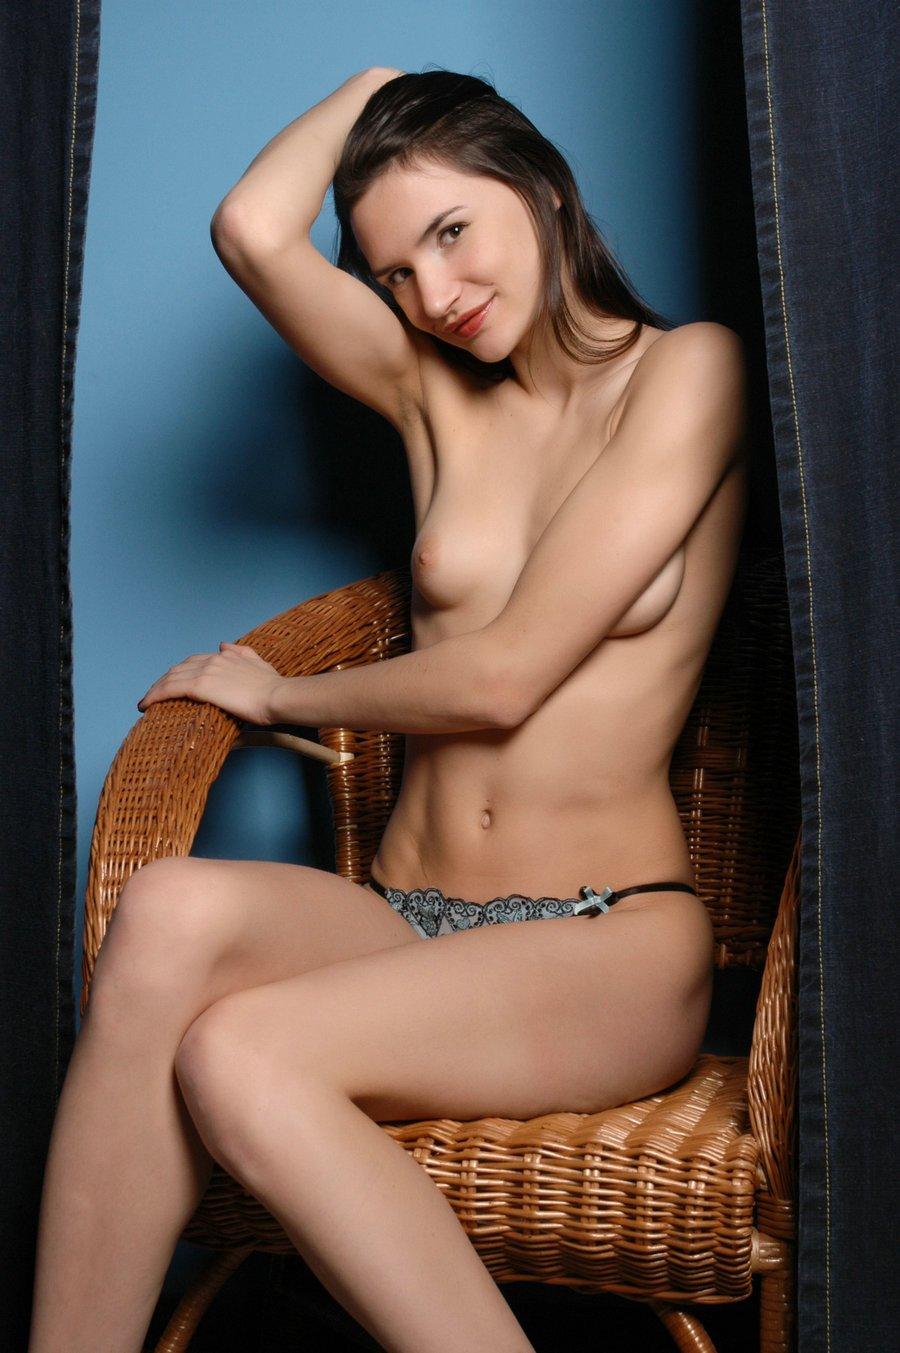 蓝色背景棚拍藤椅上的长头发名模